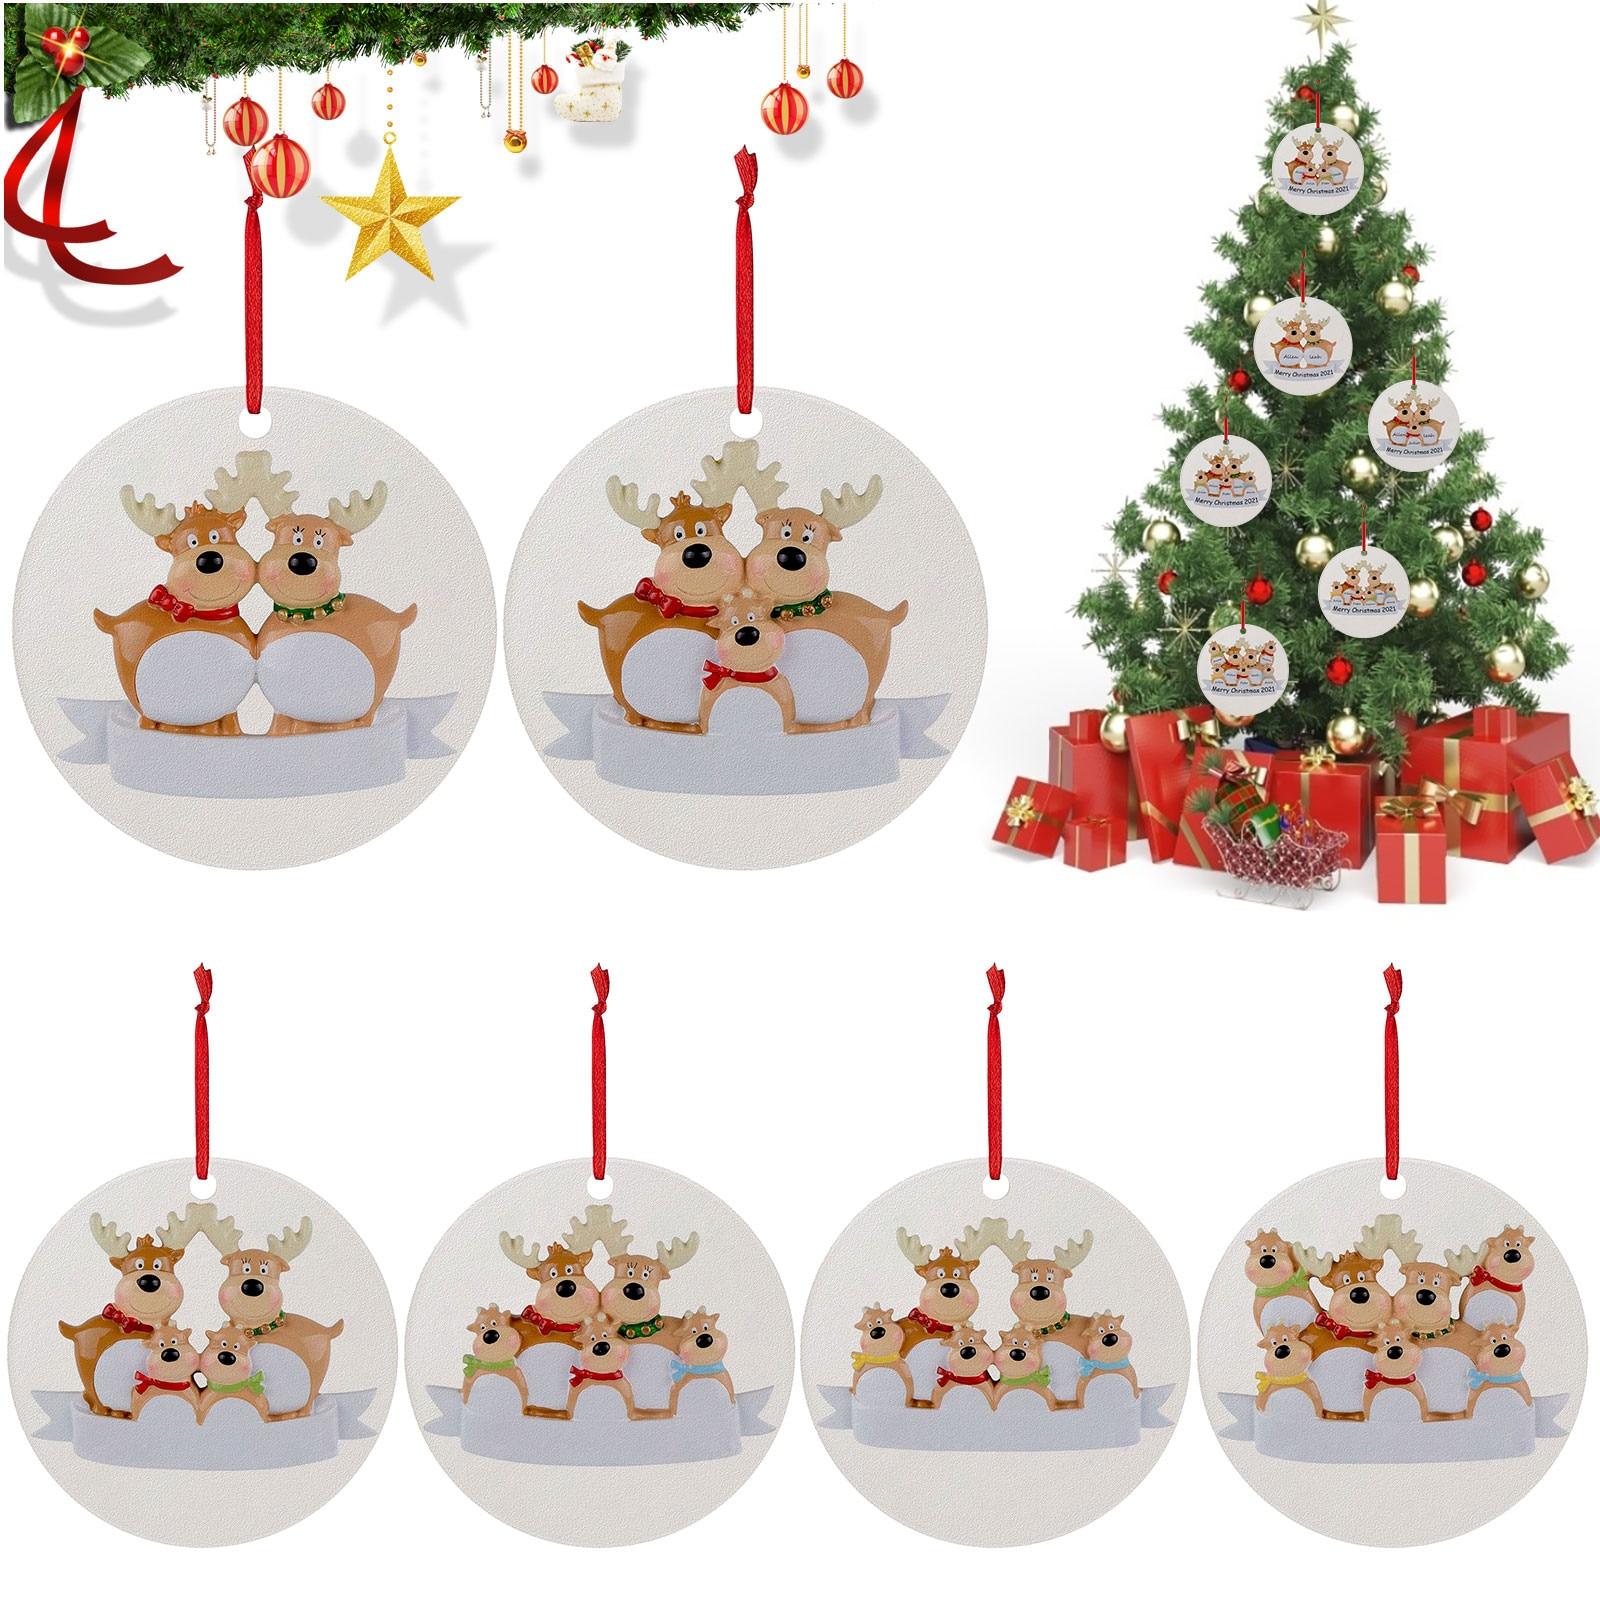 Navidad creativo lista de Navidad alce de madera adorno colgante de árbol...